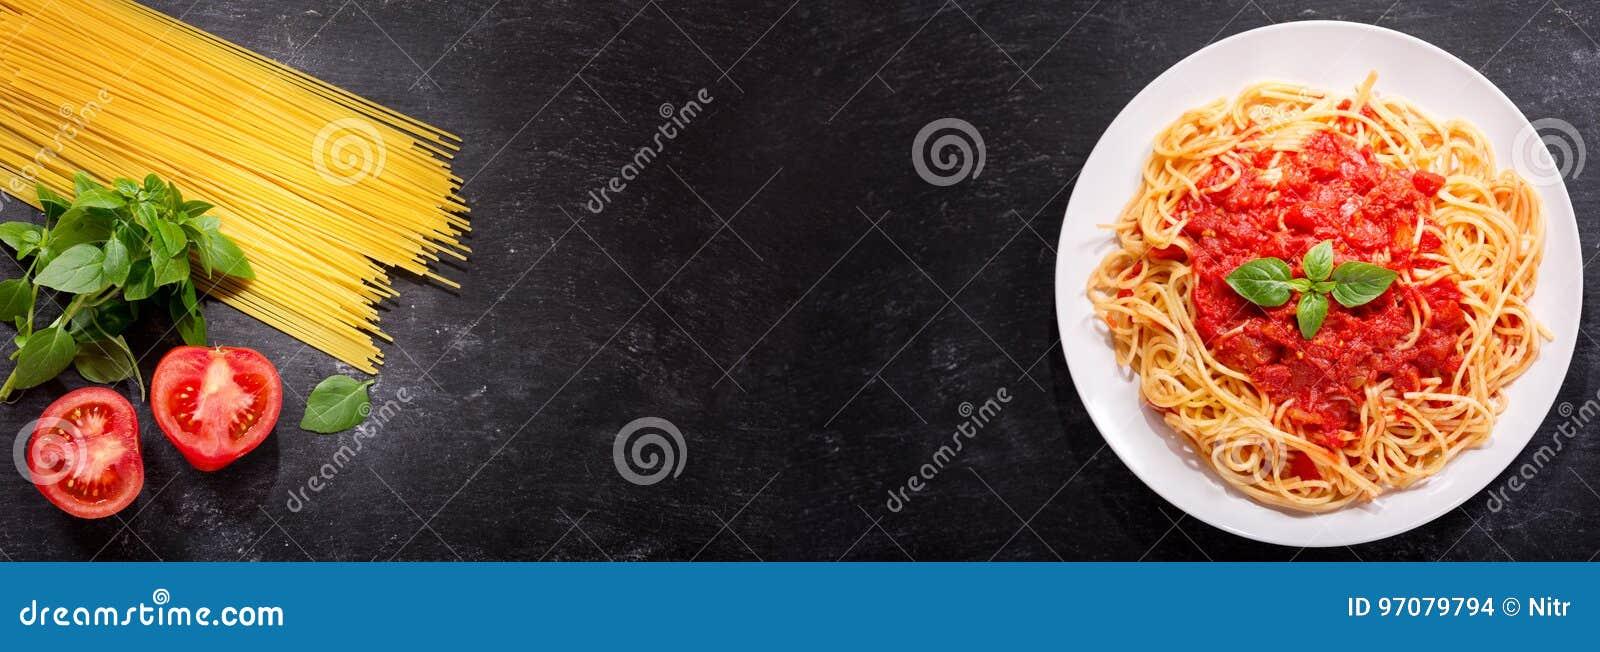 Piatto di pasta con salsa al pomodoro e gli ingredienti per cucinare